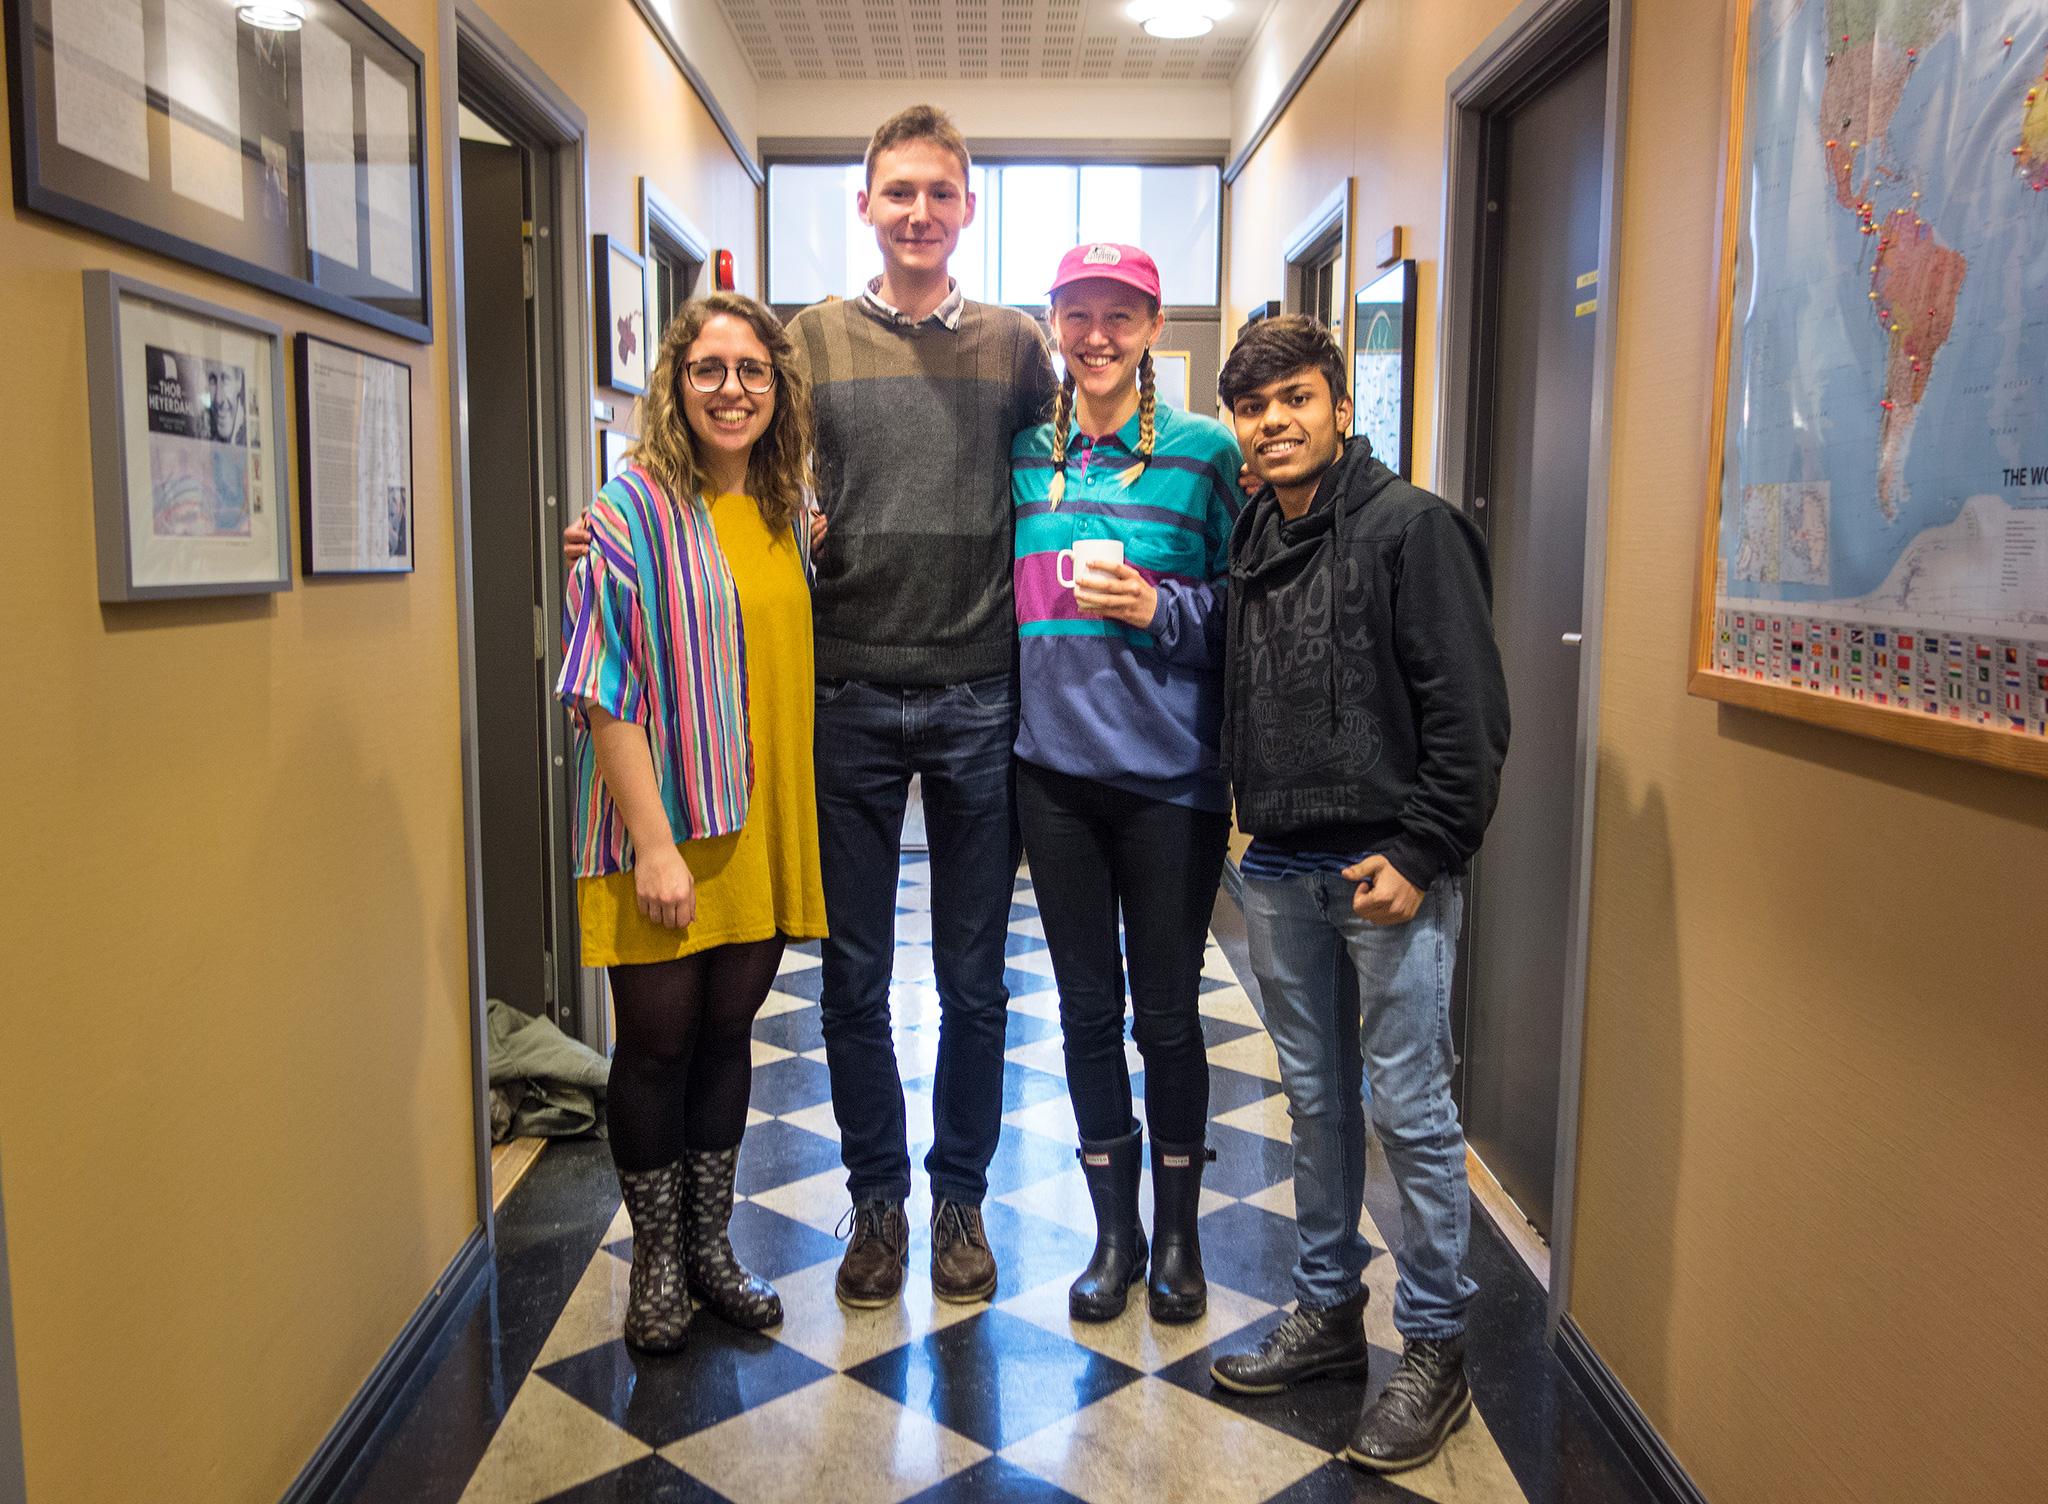 Flor, Nikita, Johanne and Ravi